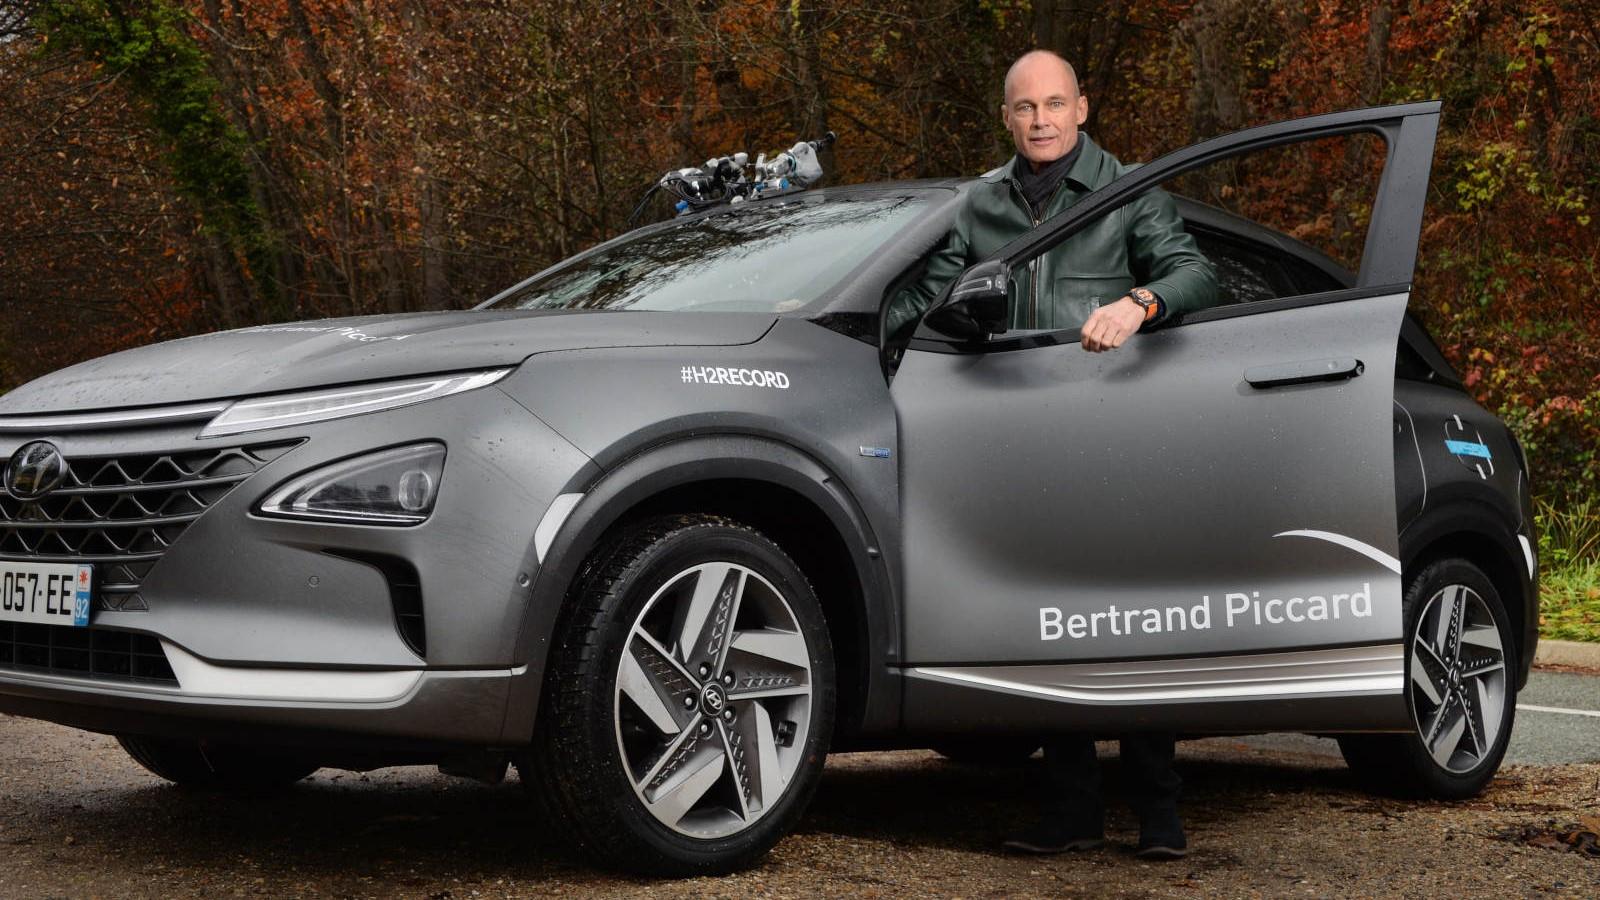 Bertrand Piccard fue el piloto que estuvo al volante de la Hyundai Nexo